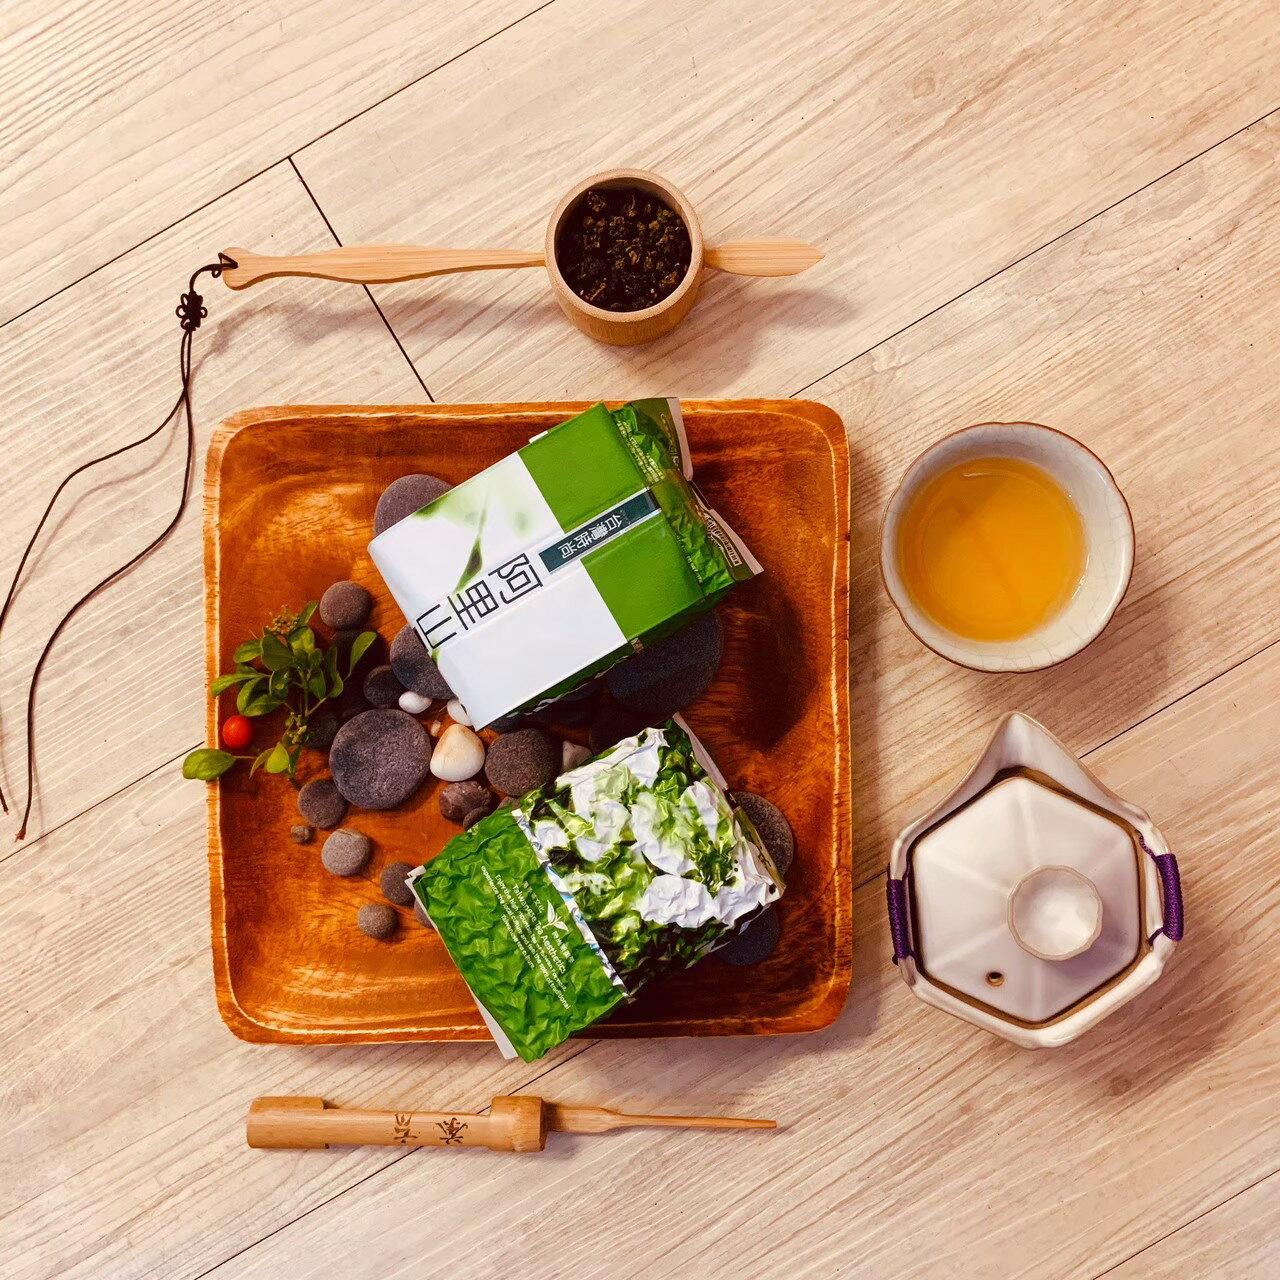 【太平製茶】醇厚阿里山烏龍茶 重量:150g